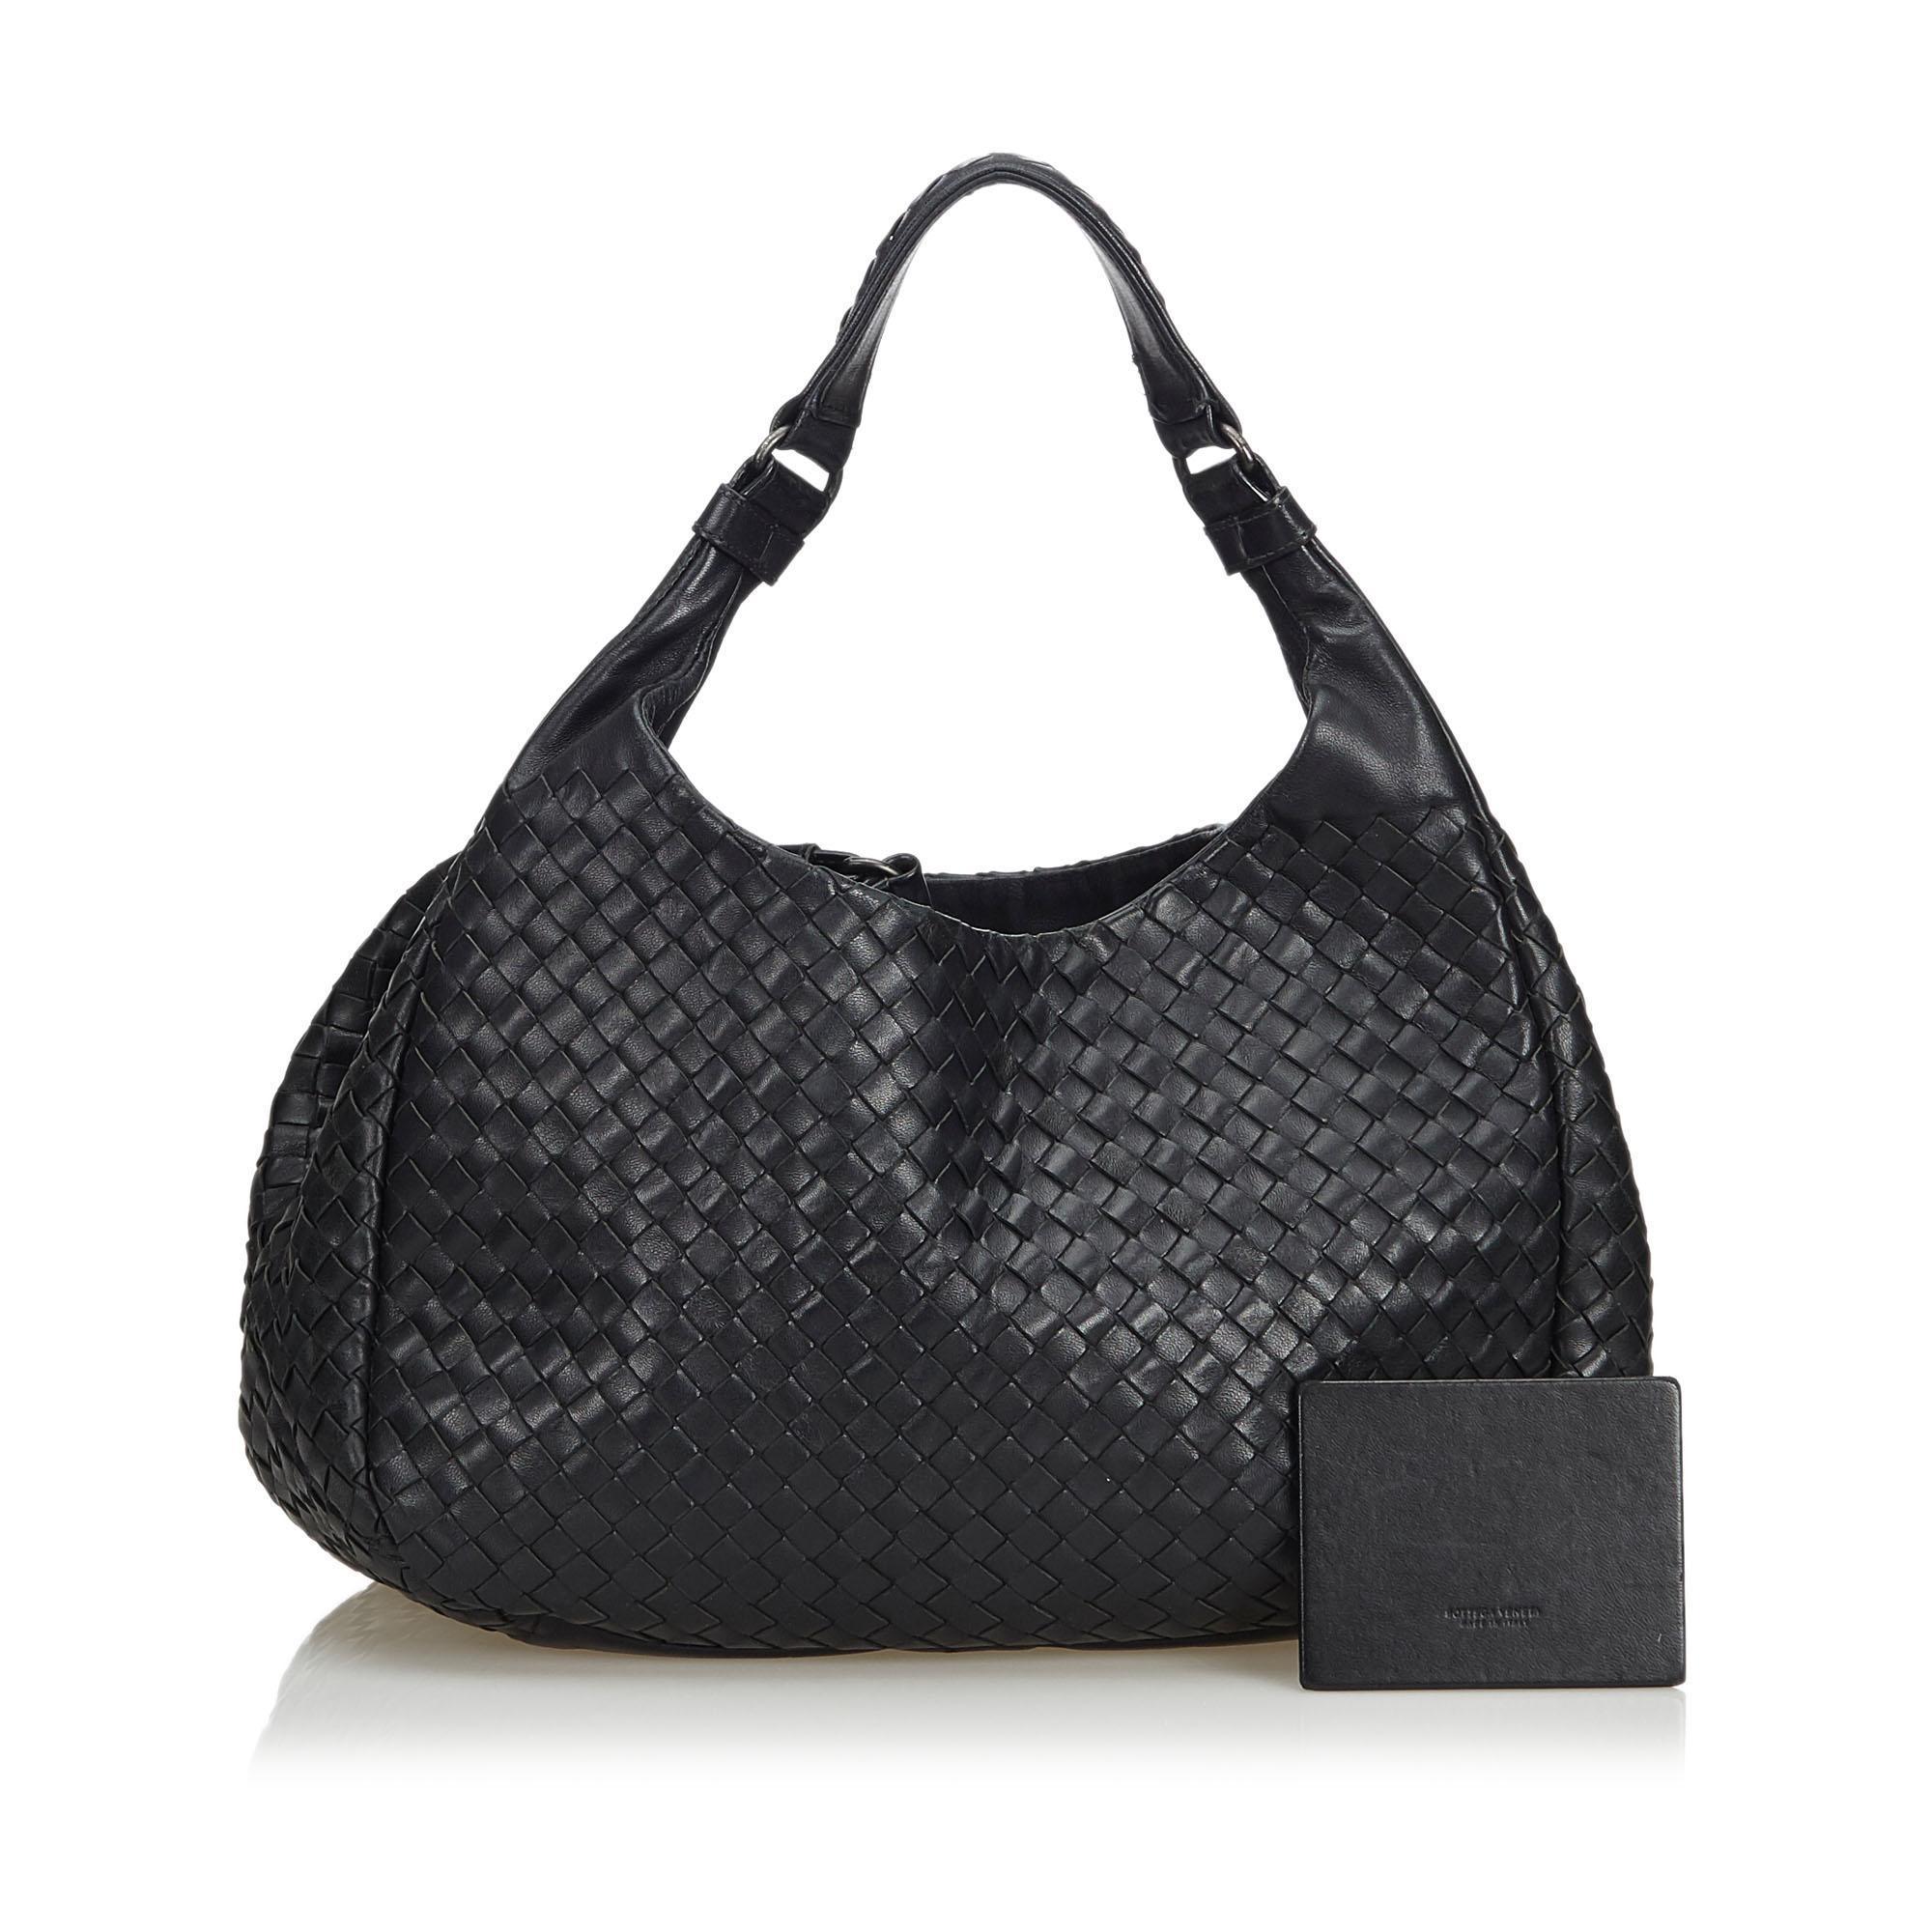 42669048f7a6 Bottega Veneta Black Intrecciato Campana Hobo Bag at 1stdibs